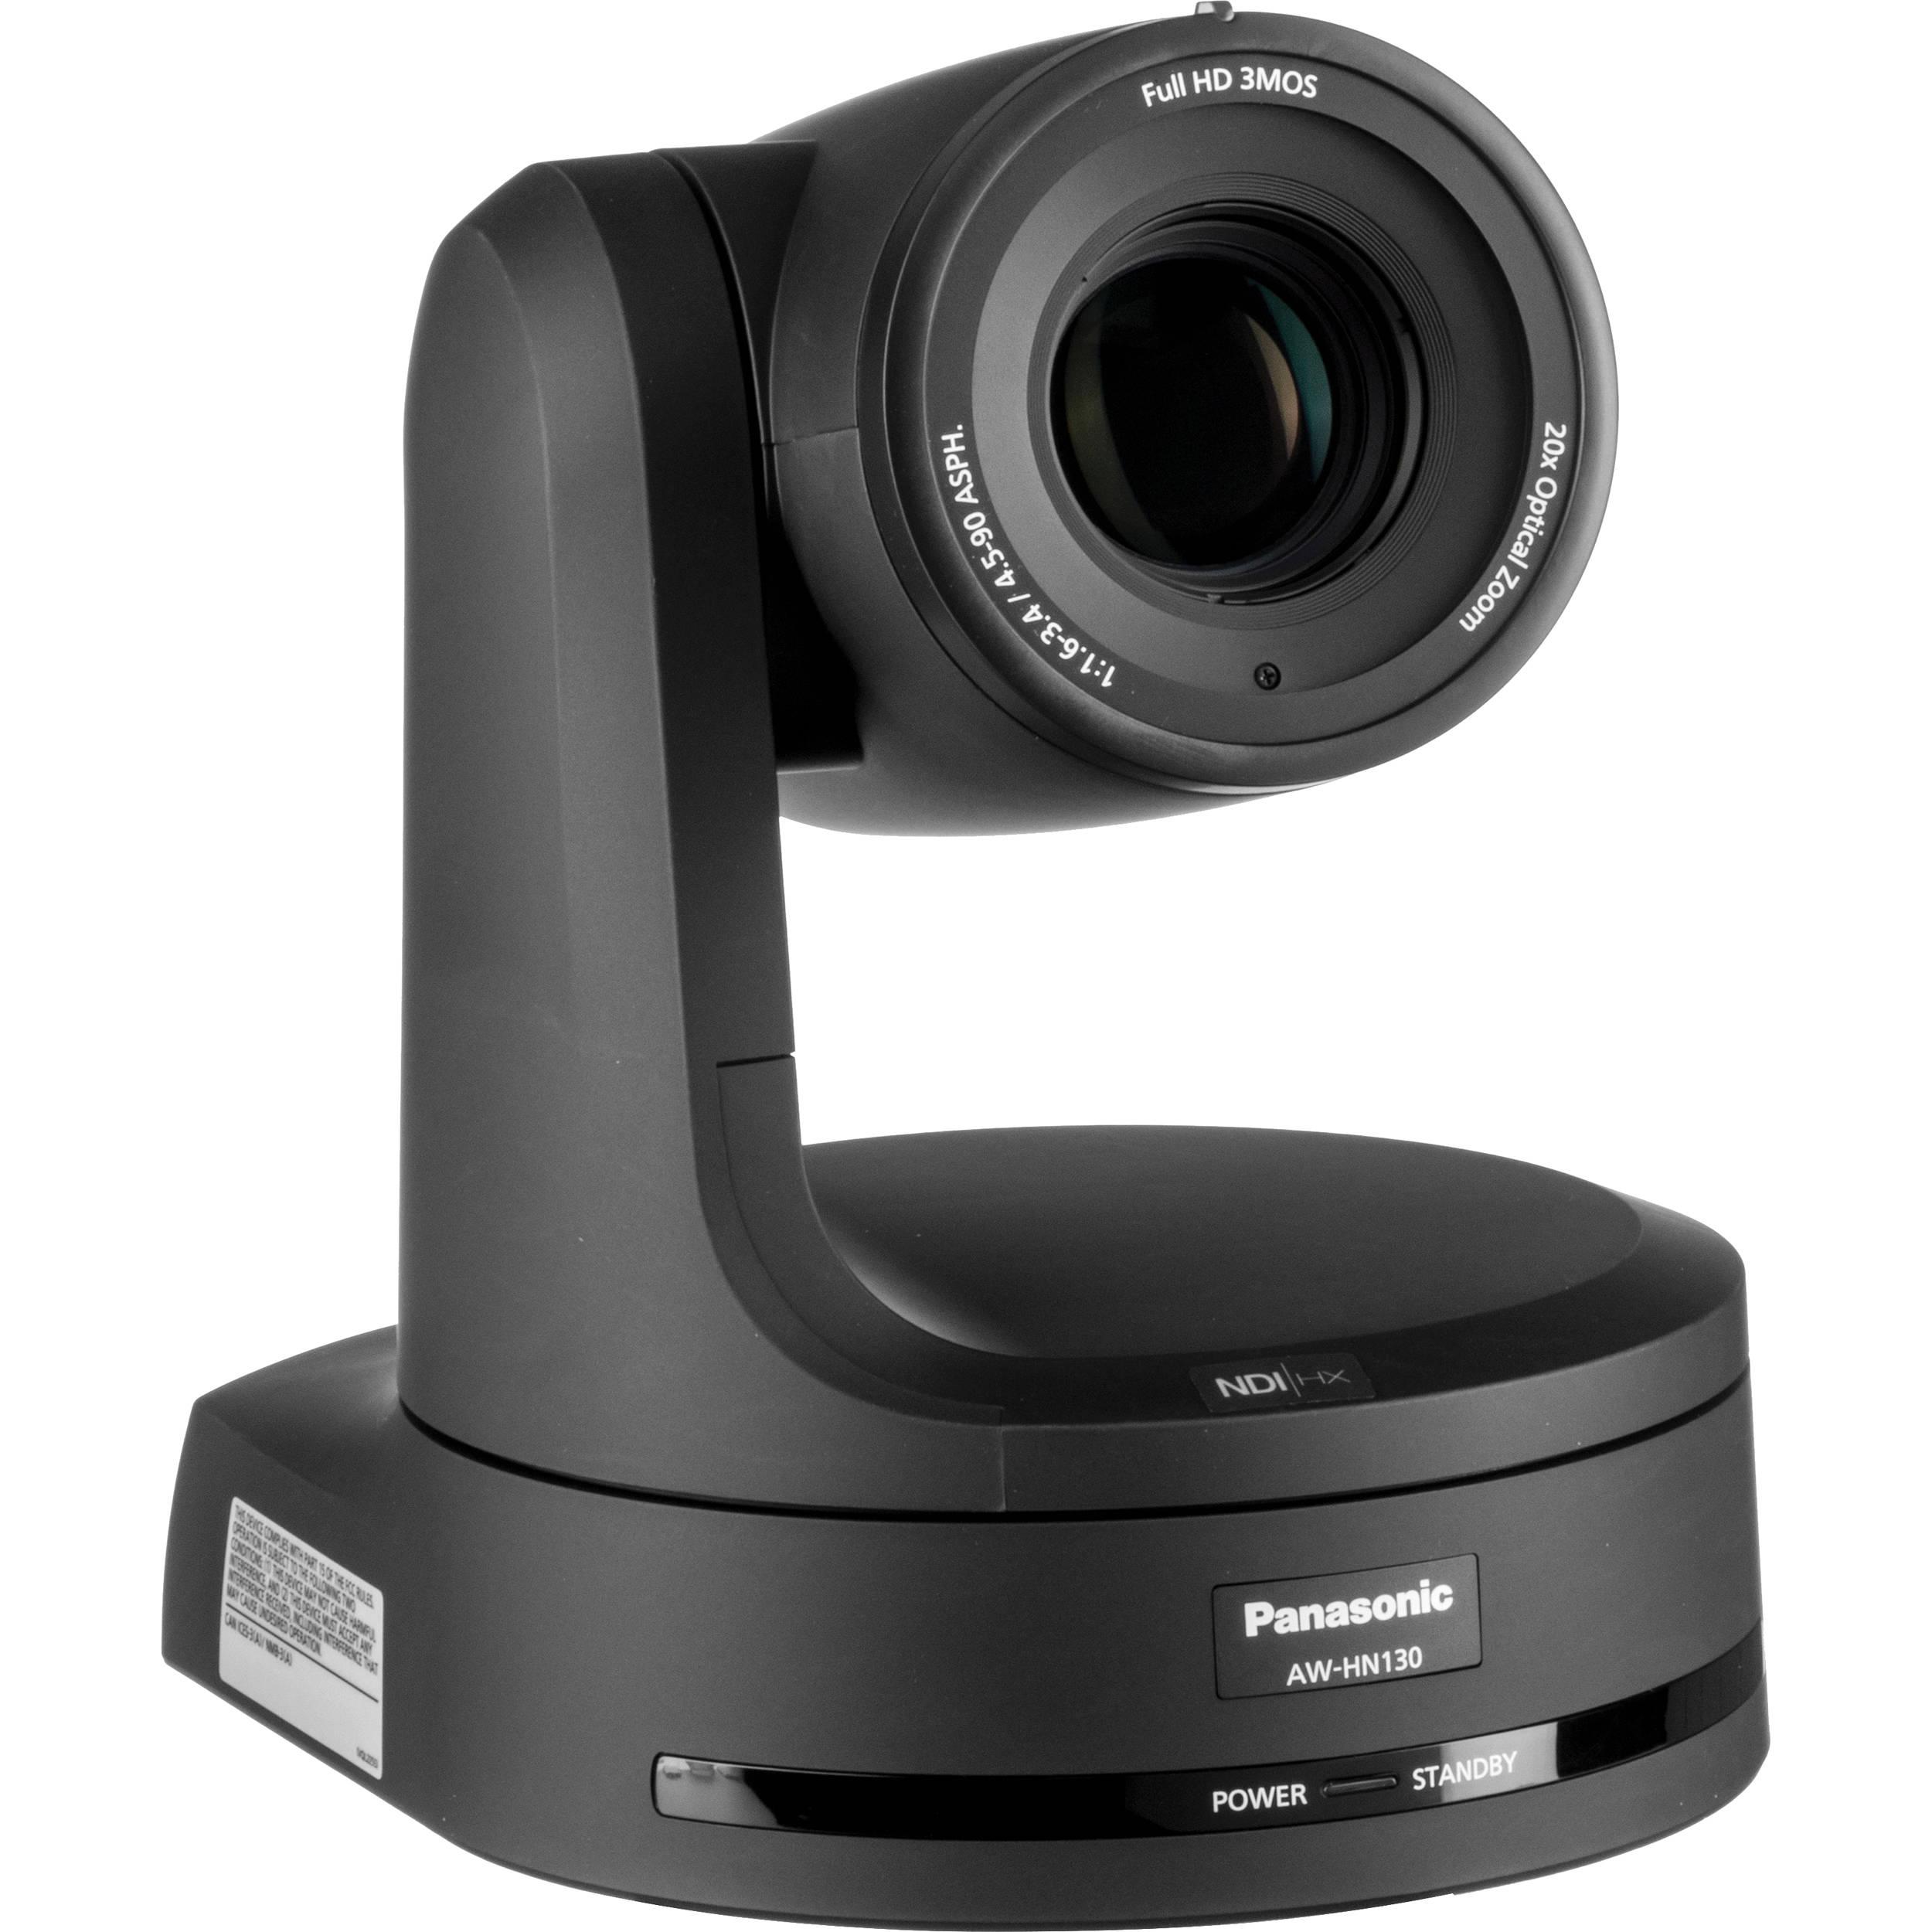 AW-HN130 HD Integrated PTZ Camera with NDI|HX (Black)